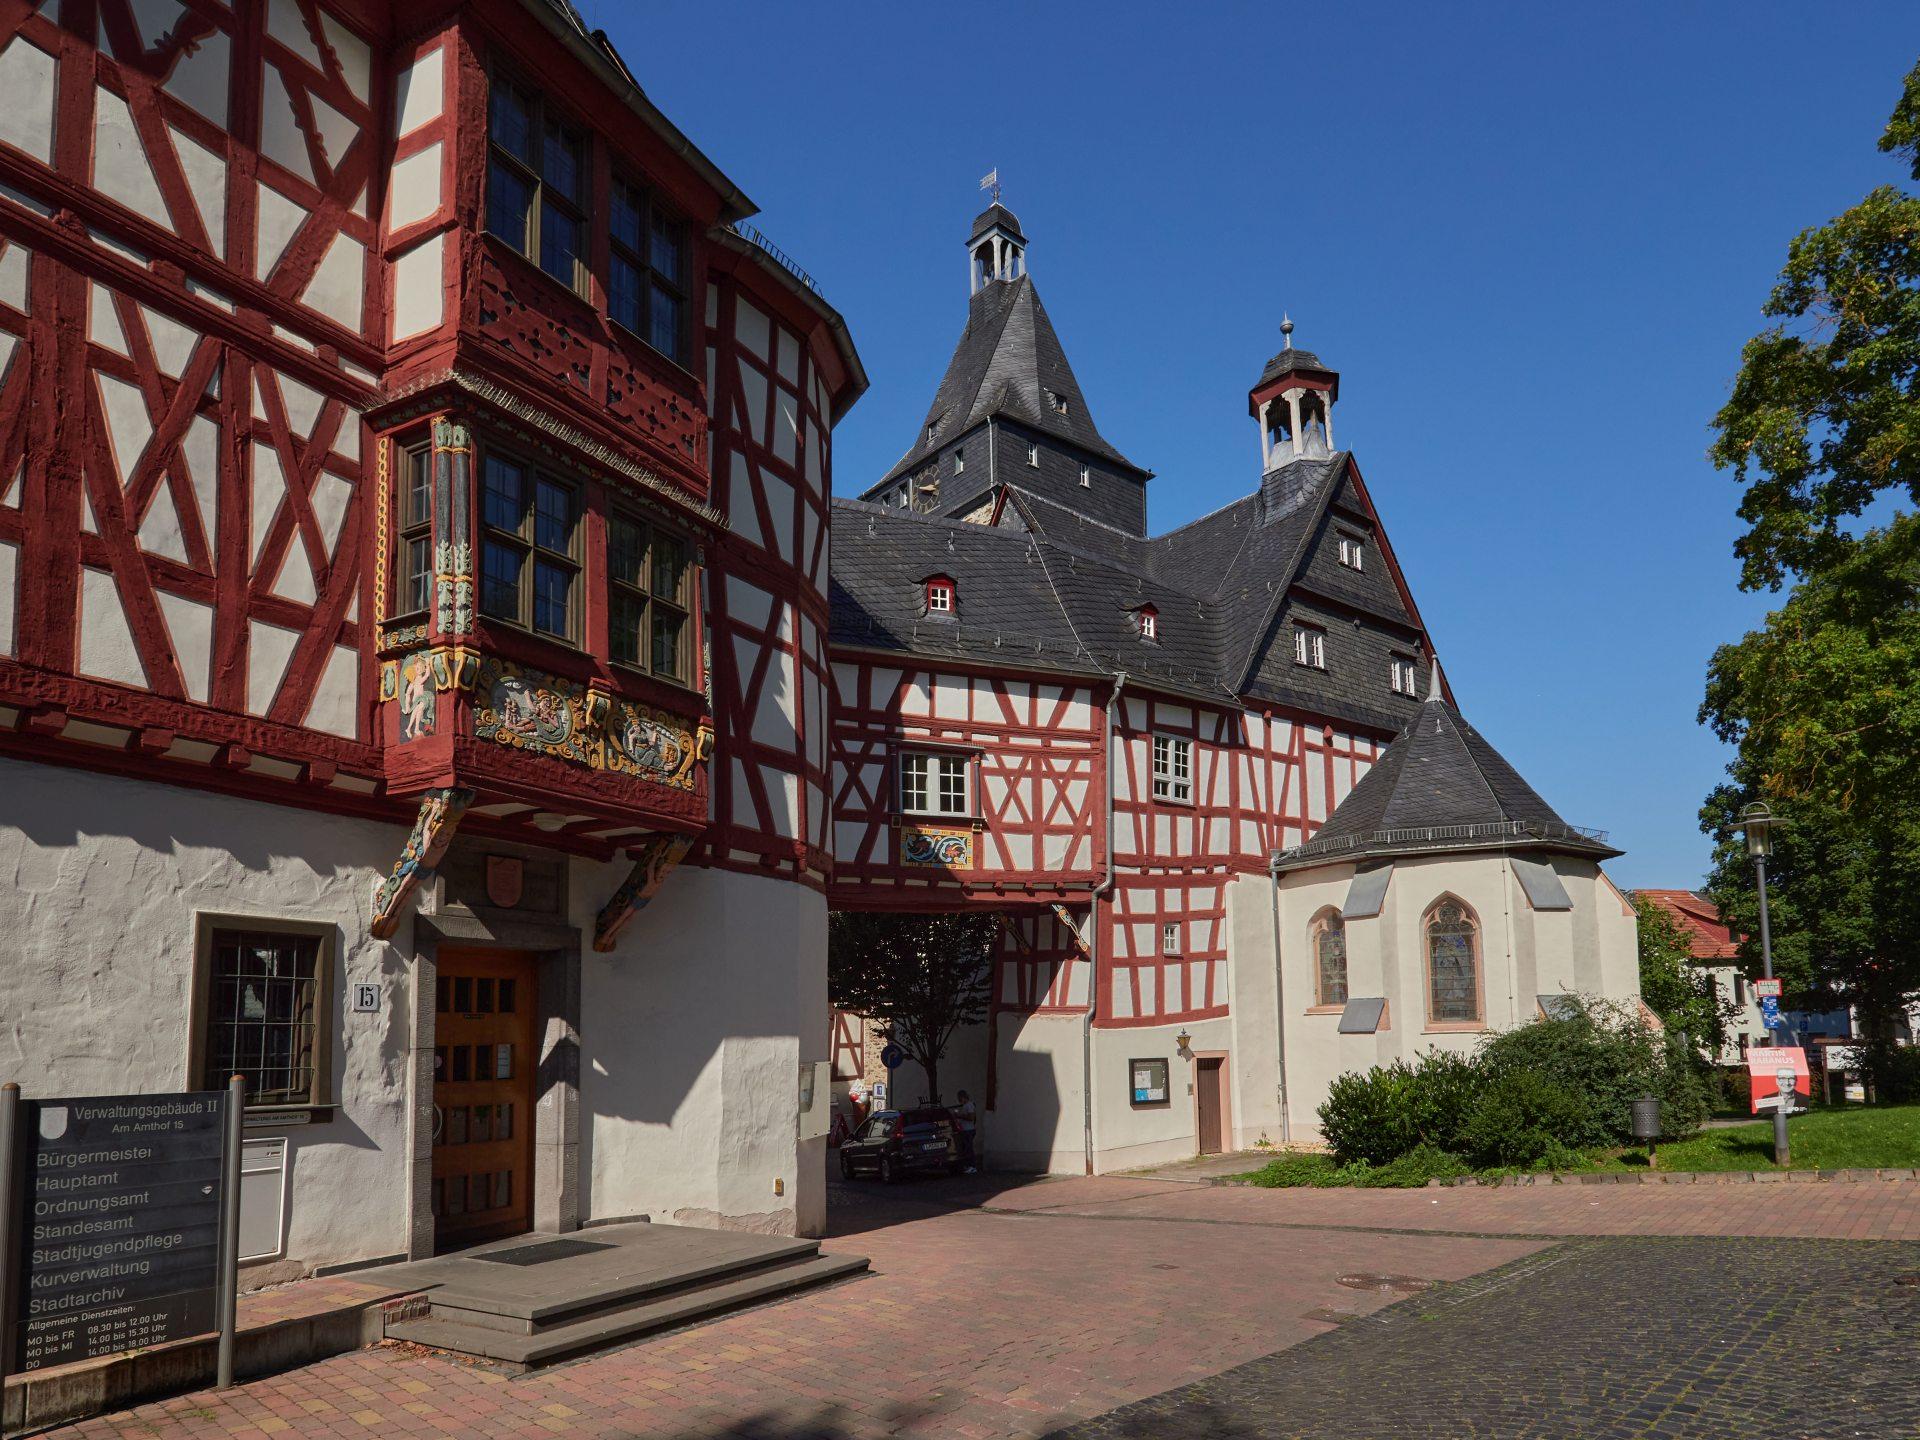 Der Amthof von 1605 in Bad Camberg. Mit einer Frontlänge von 155 Metern einer der größten Fachwerkbauten in Hessen